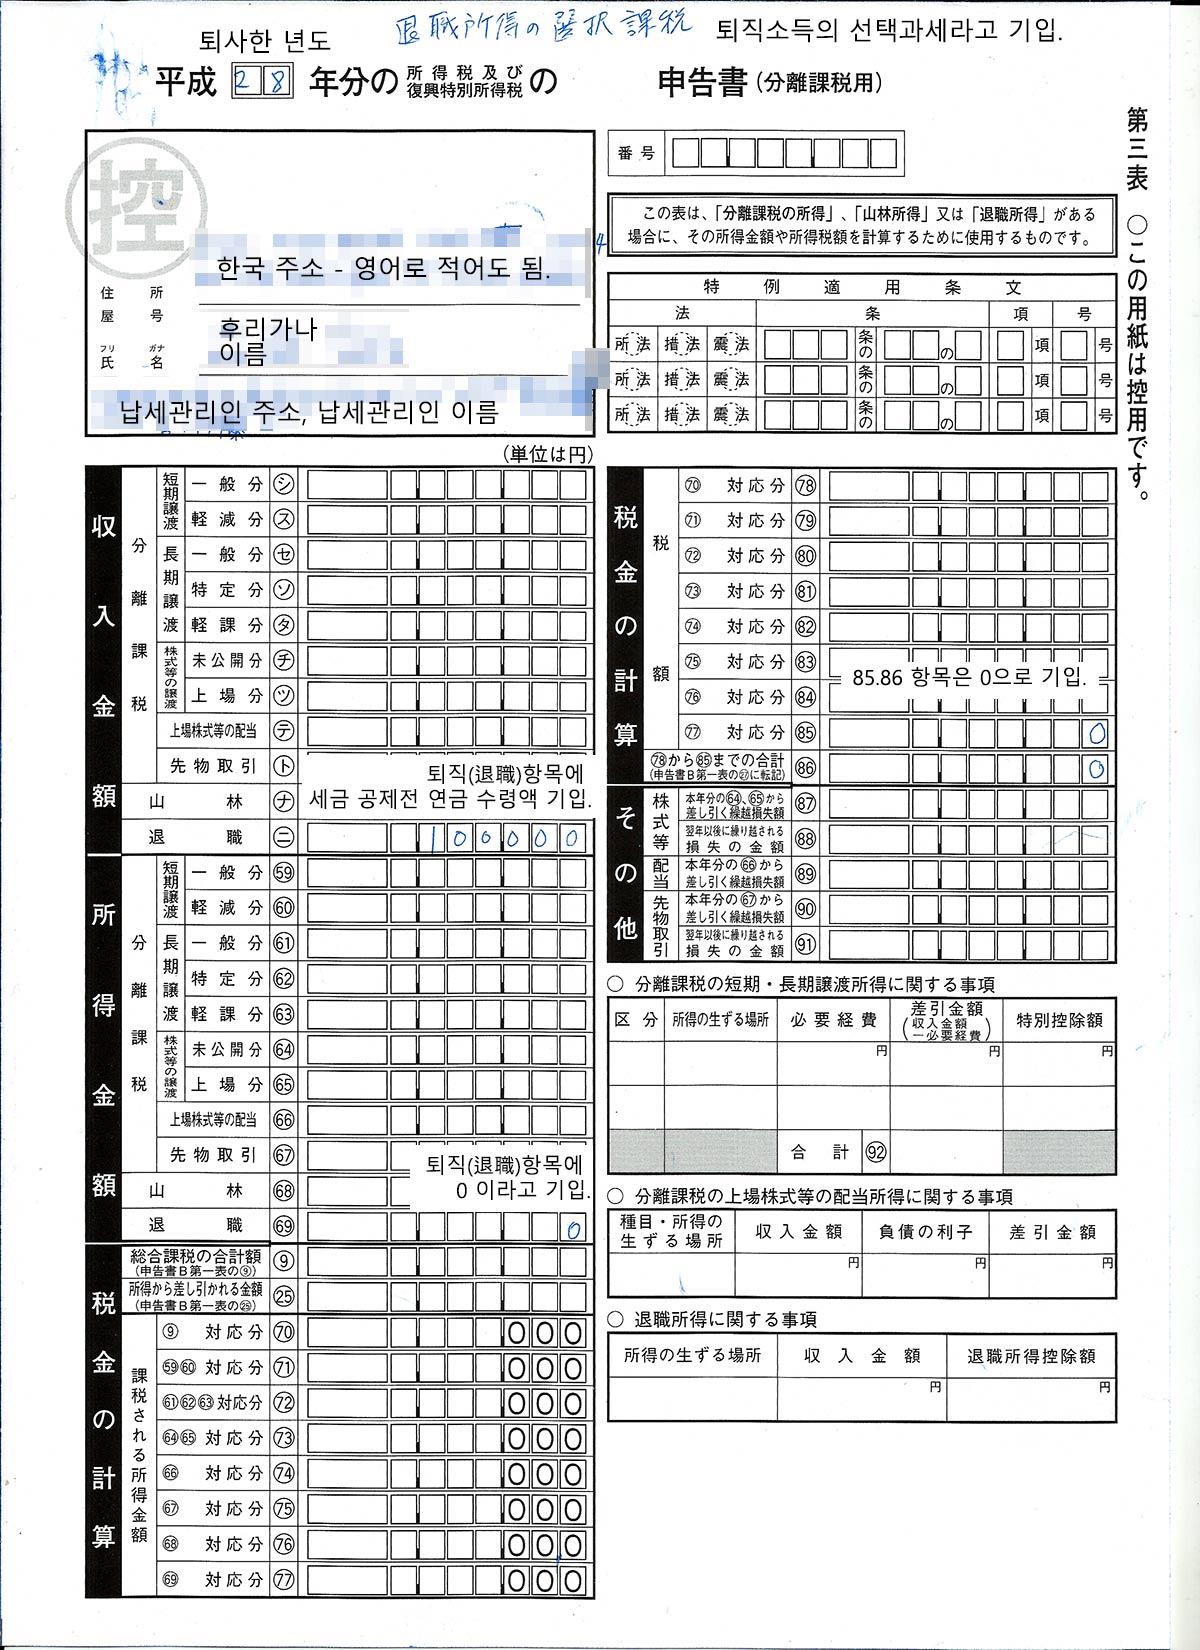 일본 퇴직소득의 선택과세 확정신고서 B - 3면